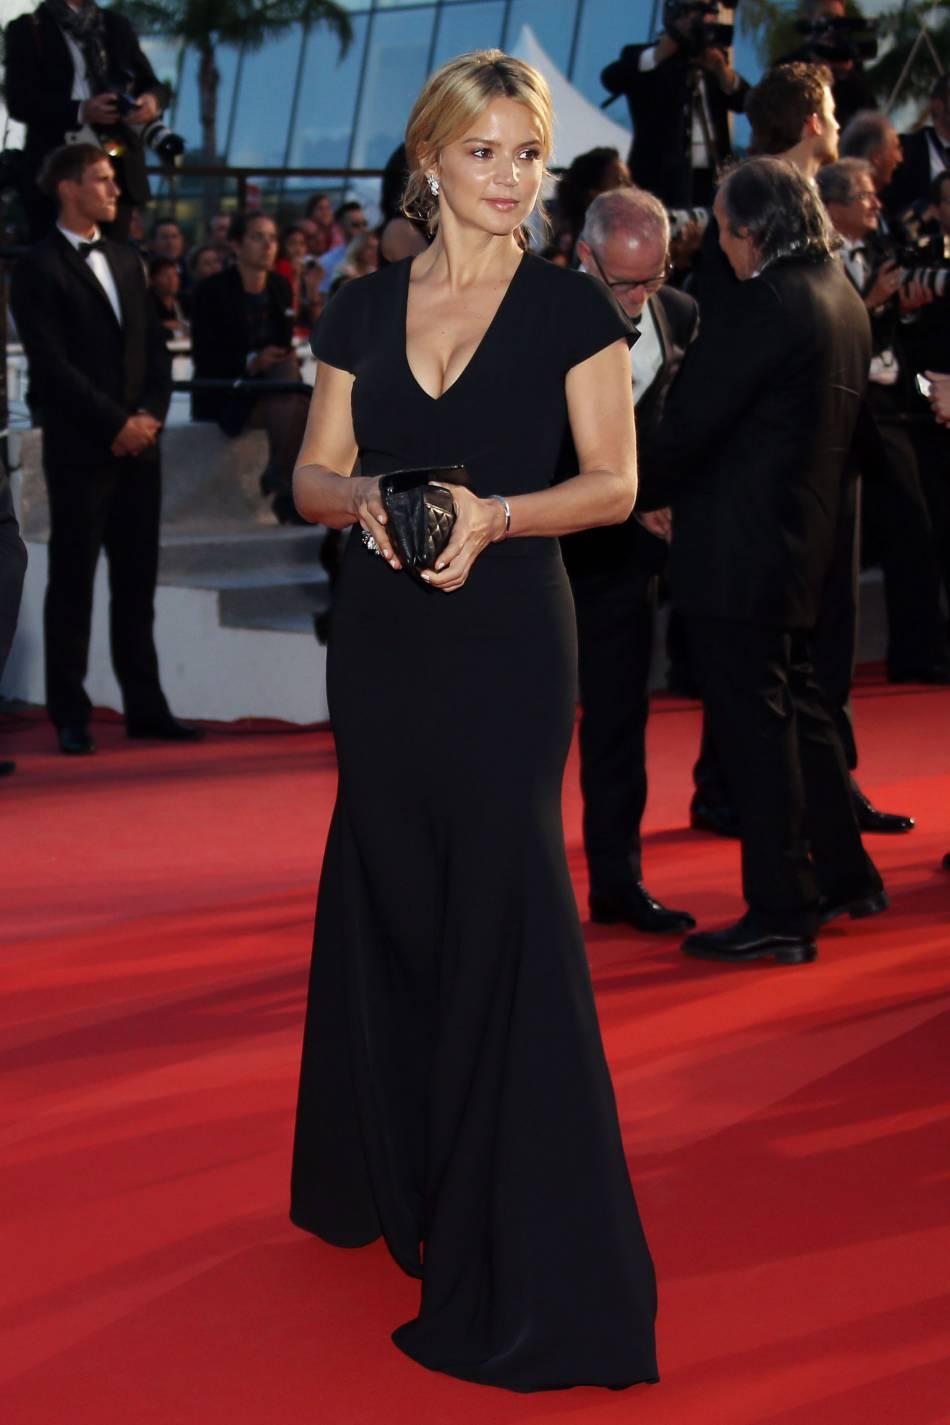 L'actrice a opté pour une tenue sobre et classique ce soir-là.